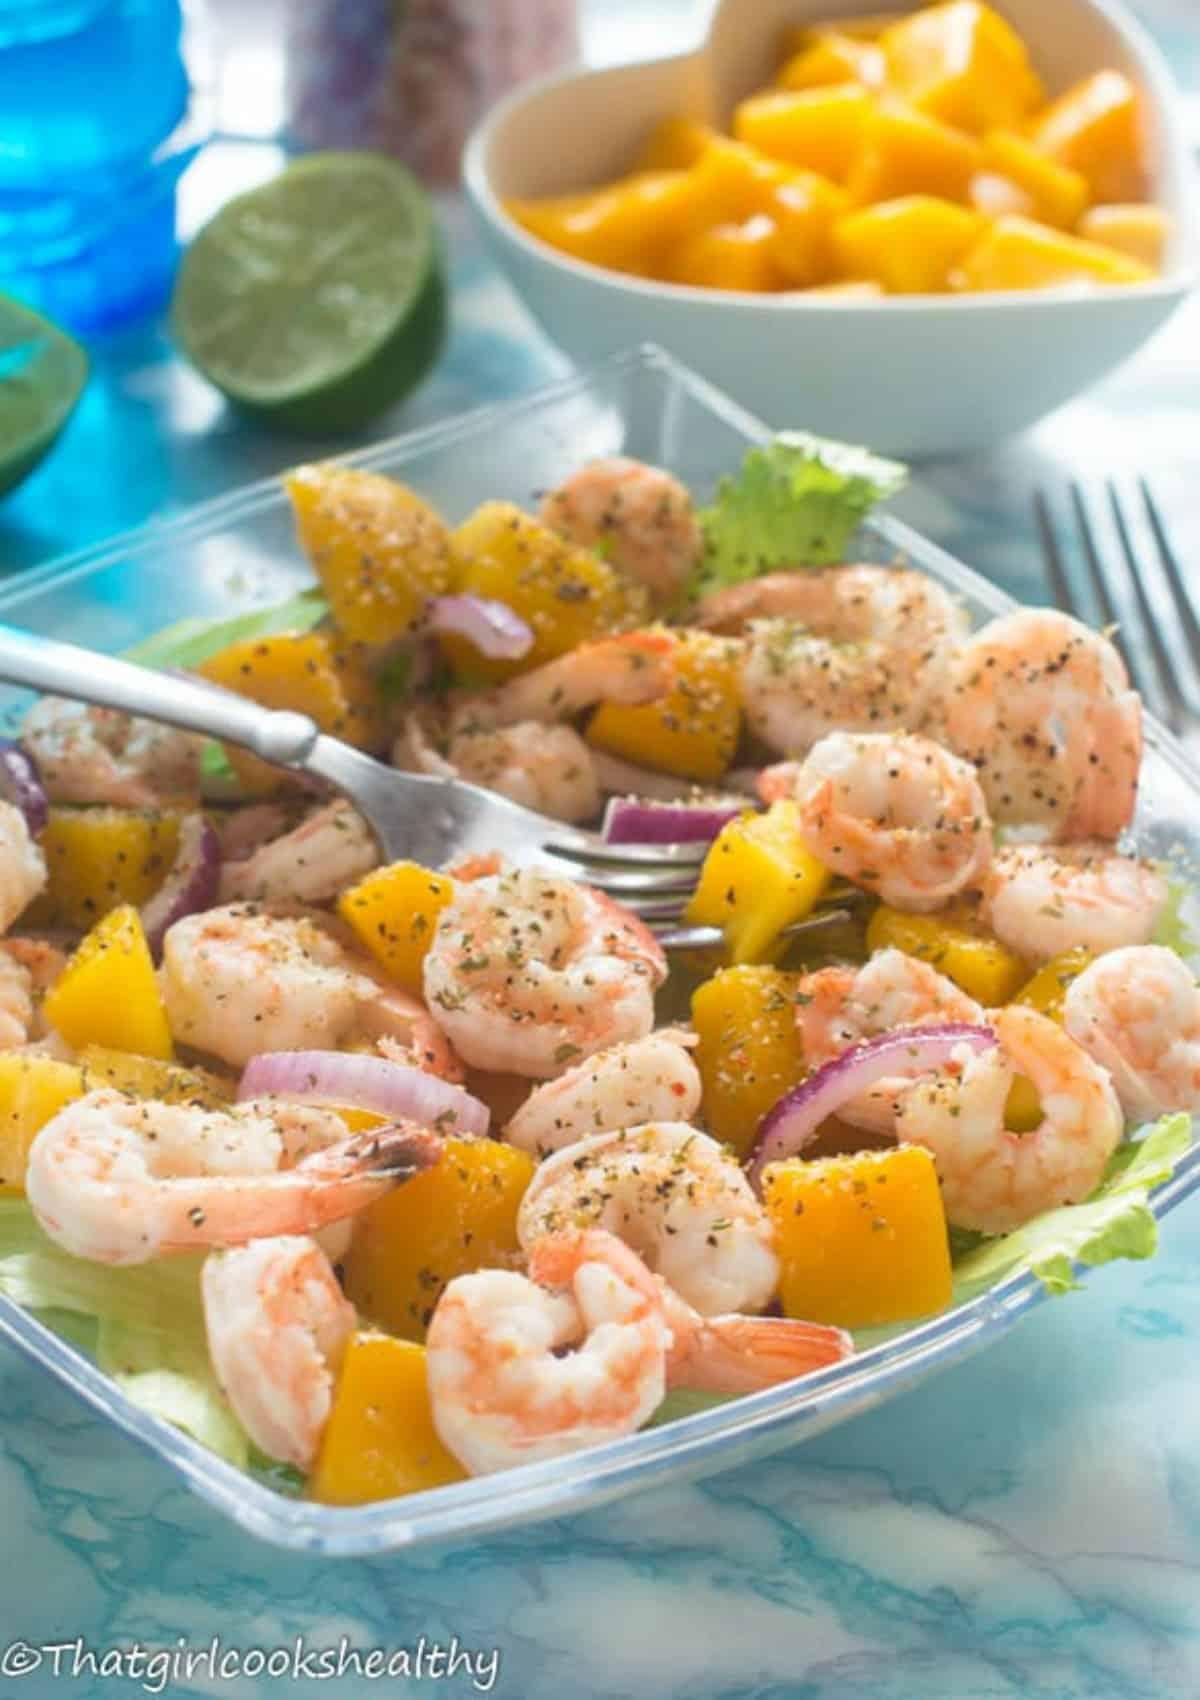 prawn, mango salad in a clear bowl